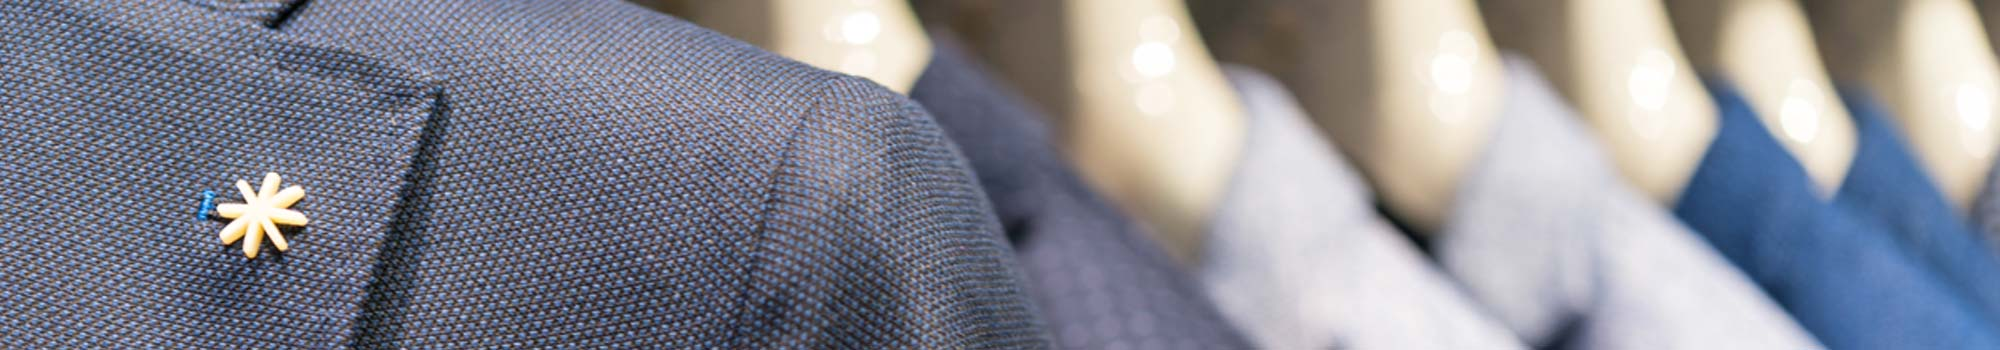 negozio-abbigliamento-uomo